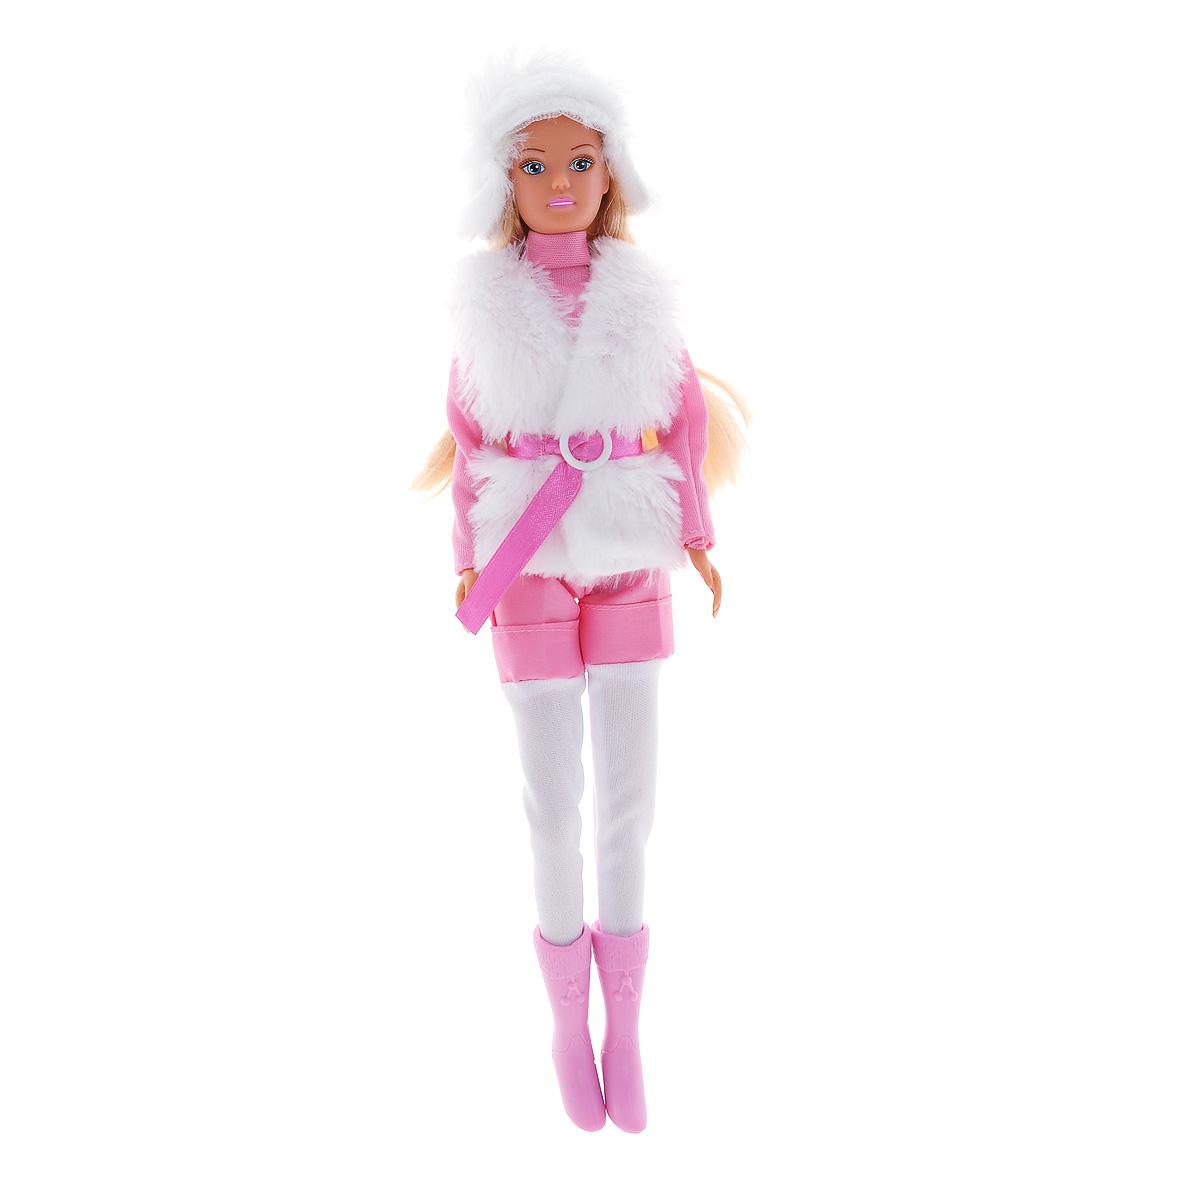 Simba Кукла Штеффи в зимней одежде цвет розовый5733148Кукла Simba Steffi Love. Winter Set надолго займет внимание вашей малышки и подарит ей множество счастливых мгновений. Кукла изготовлена из пластика, ее голова, ручки и ножки подвижны, что позволяет придавать ей разнообразные позы. Красавица Штеффи одета как нельзя лучше для зимней прогулки. На ней теплая меховая жилетка, удобный розовый свитер и длинные брюки. Наряд дополняют розовый ремень и пушистая меховая шапочка. Чудесные длинные волосы куклы так весело расчесывать и создавать из них всевозможные прически, плести косички, жгутики и хвостики. Благодаря играм с куклой, ваша малышка сможет развить фантазию и любознательность, овладеть навыками общения и научиться ответственности, а дополнительные аксессуары сделают игру еще увлекательнее. Порадуйте свою принцессу таким прекрасным подарком!